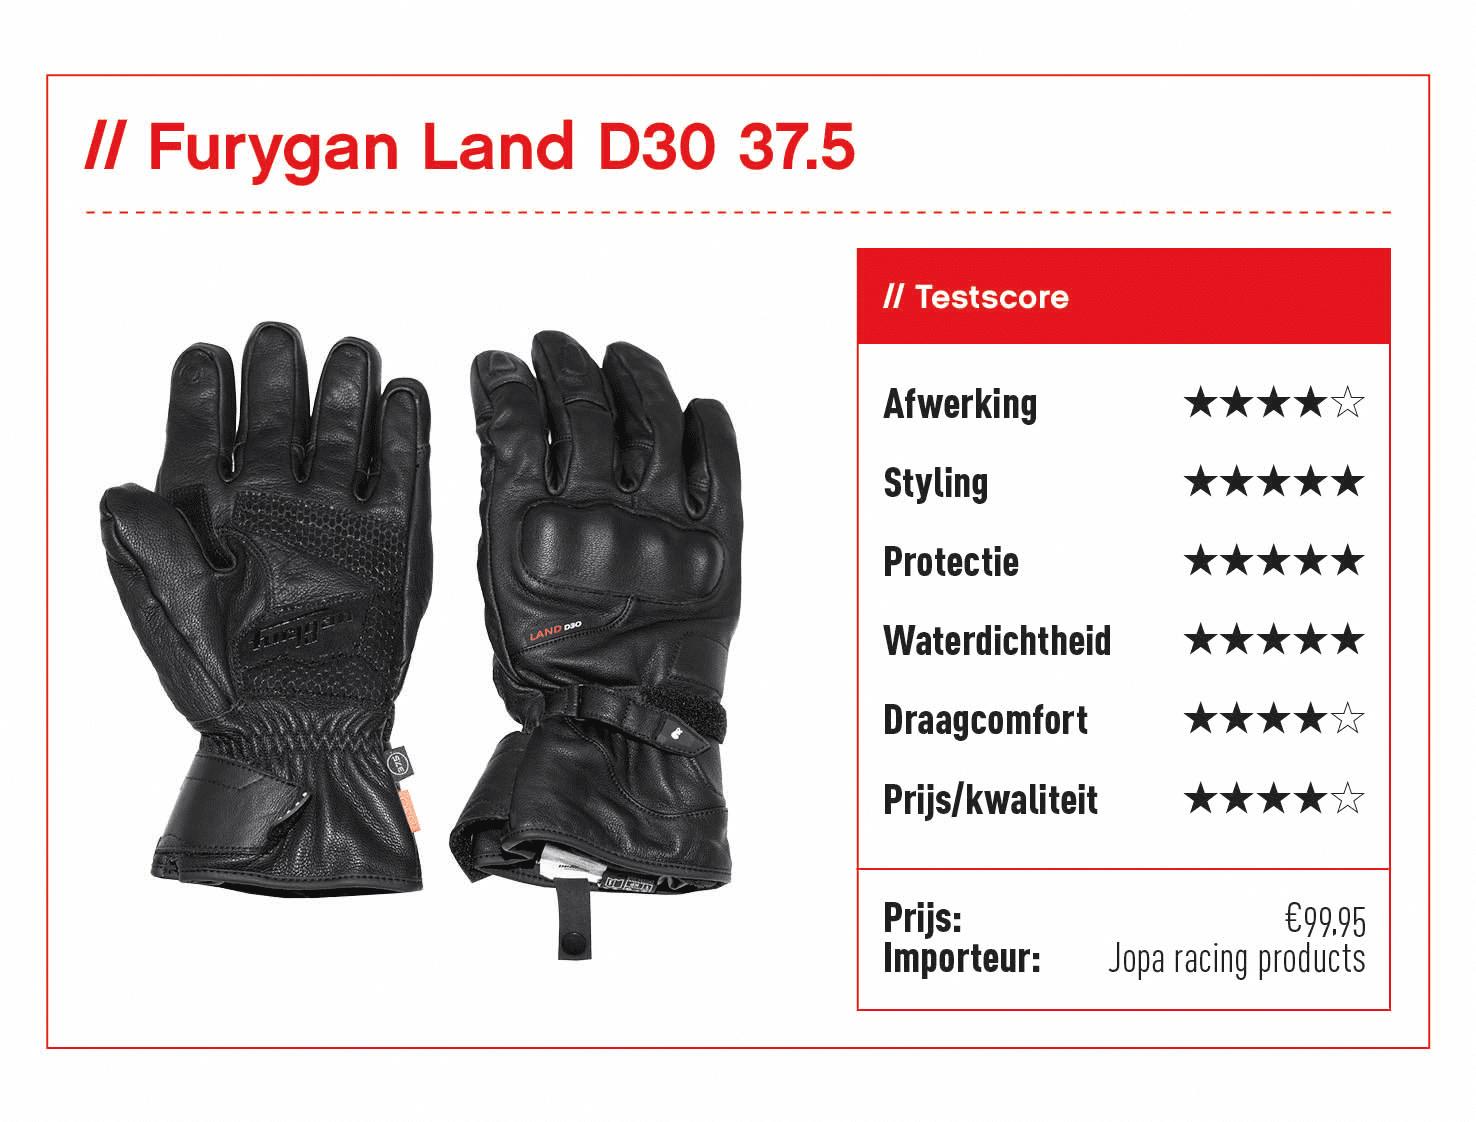 Furygan Land D30 37.5 handschoenen met score